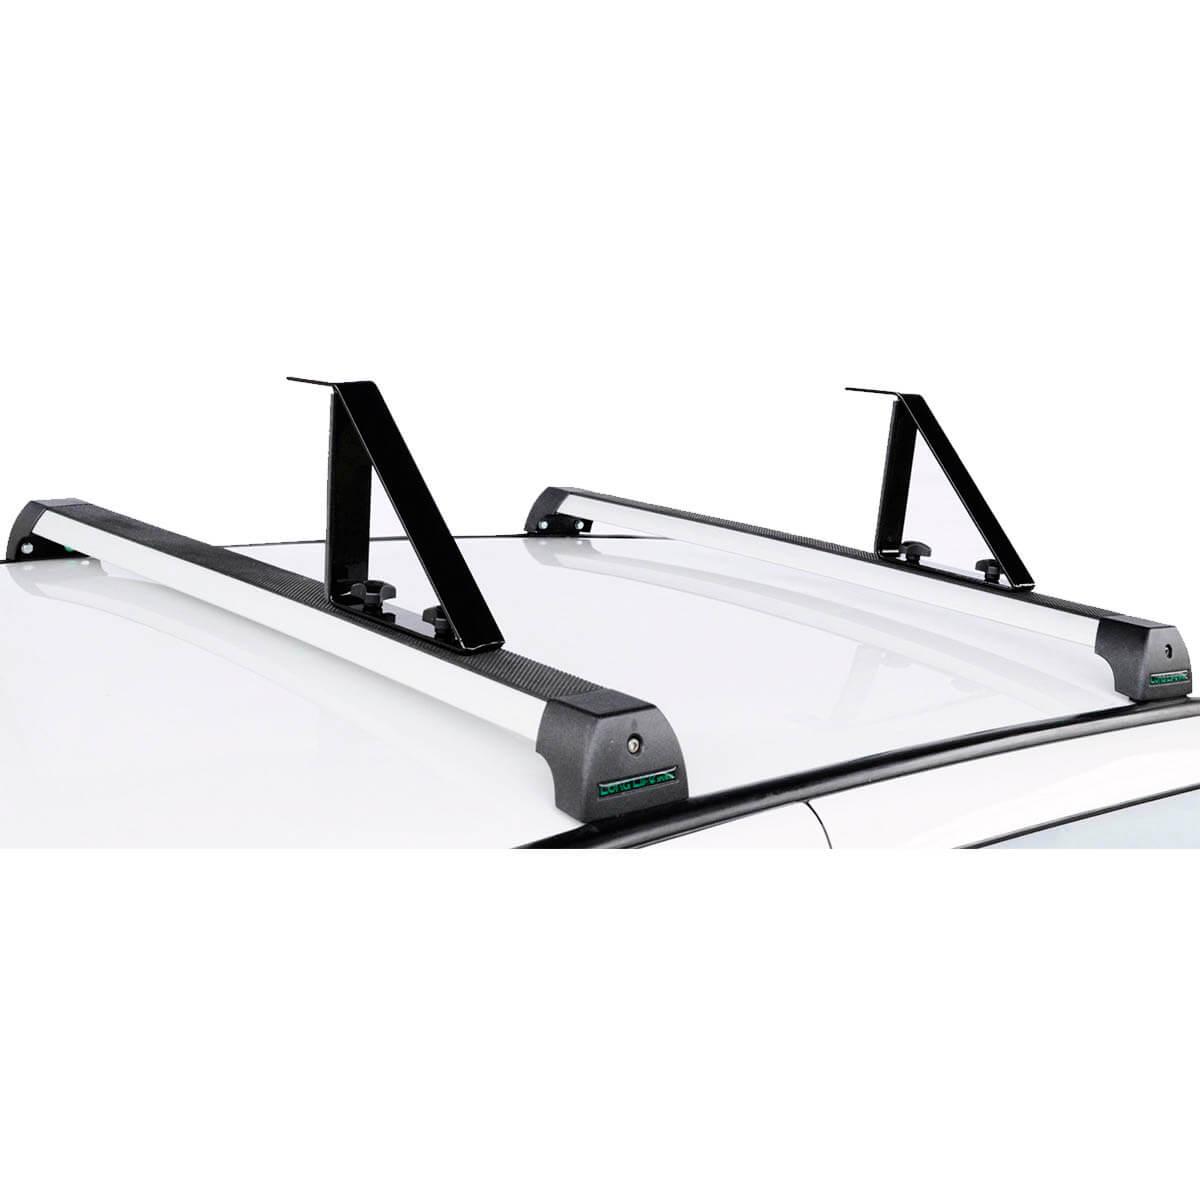 Haste porta escadas para uso em racks de teto Long Life kit 2 peças